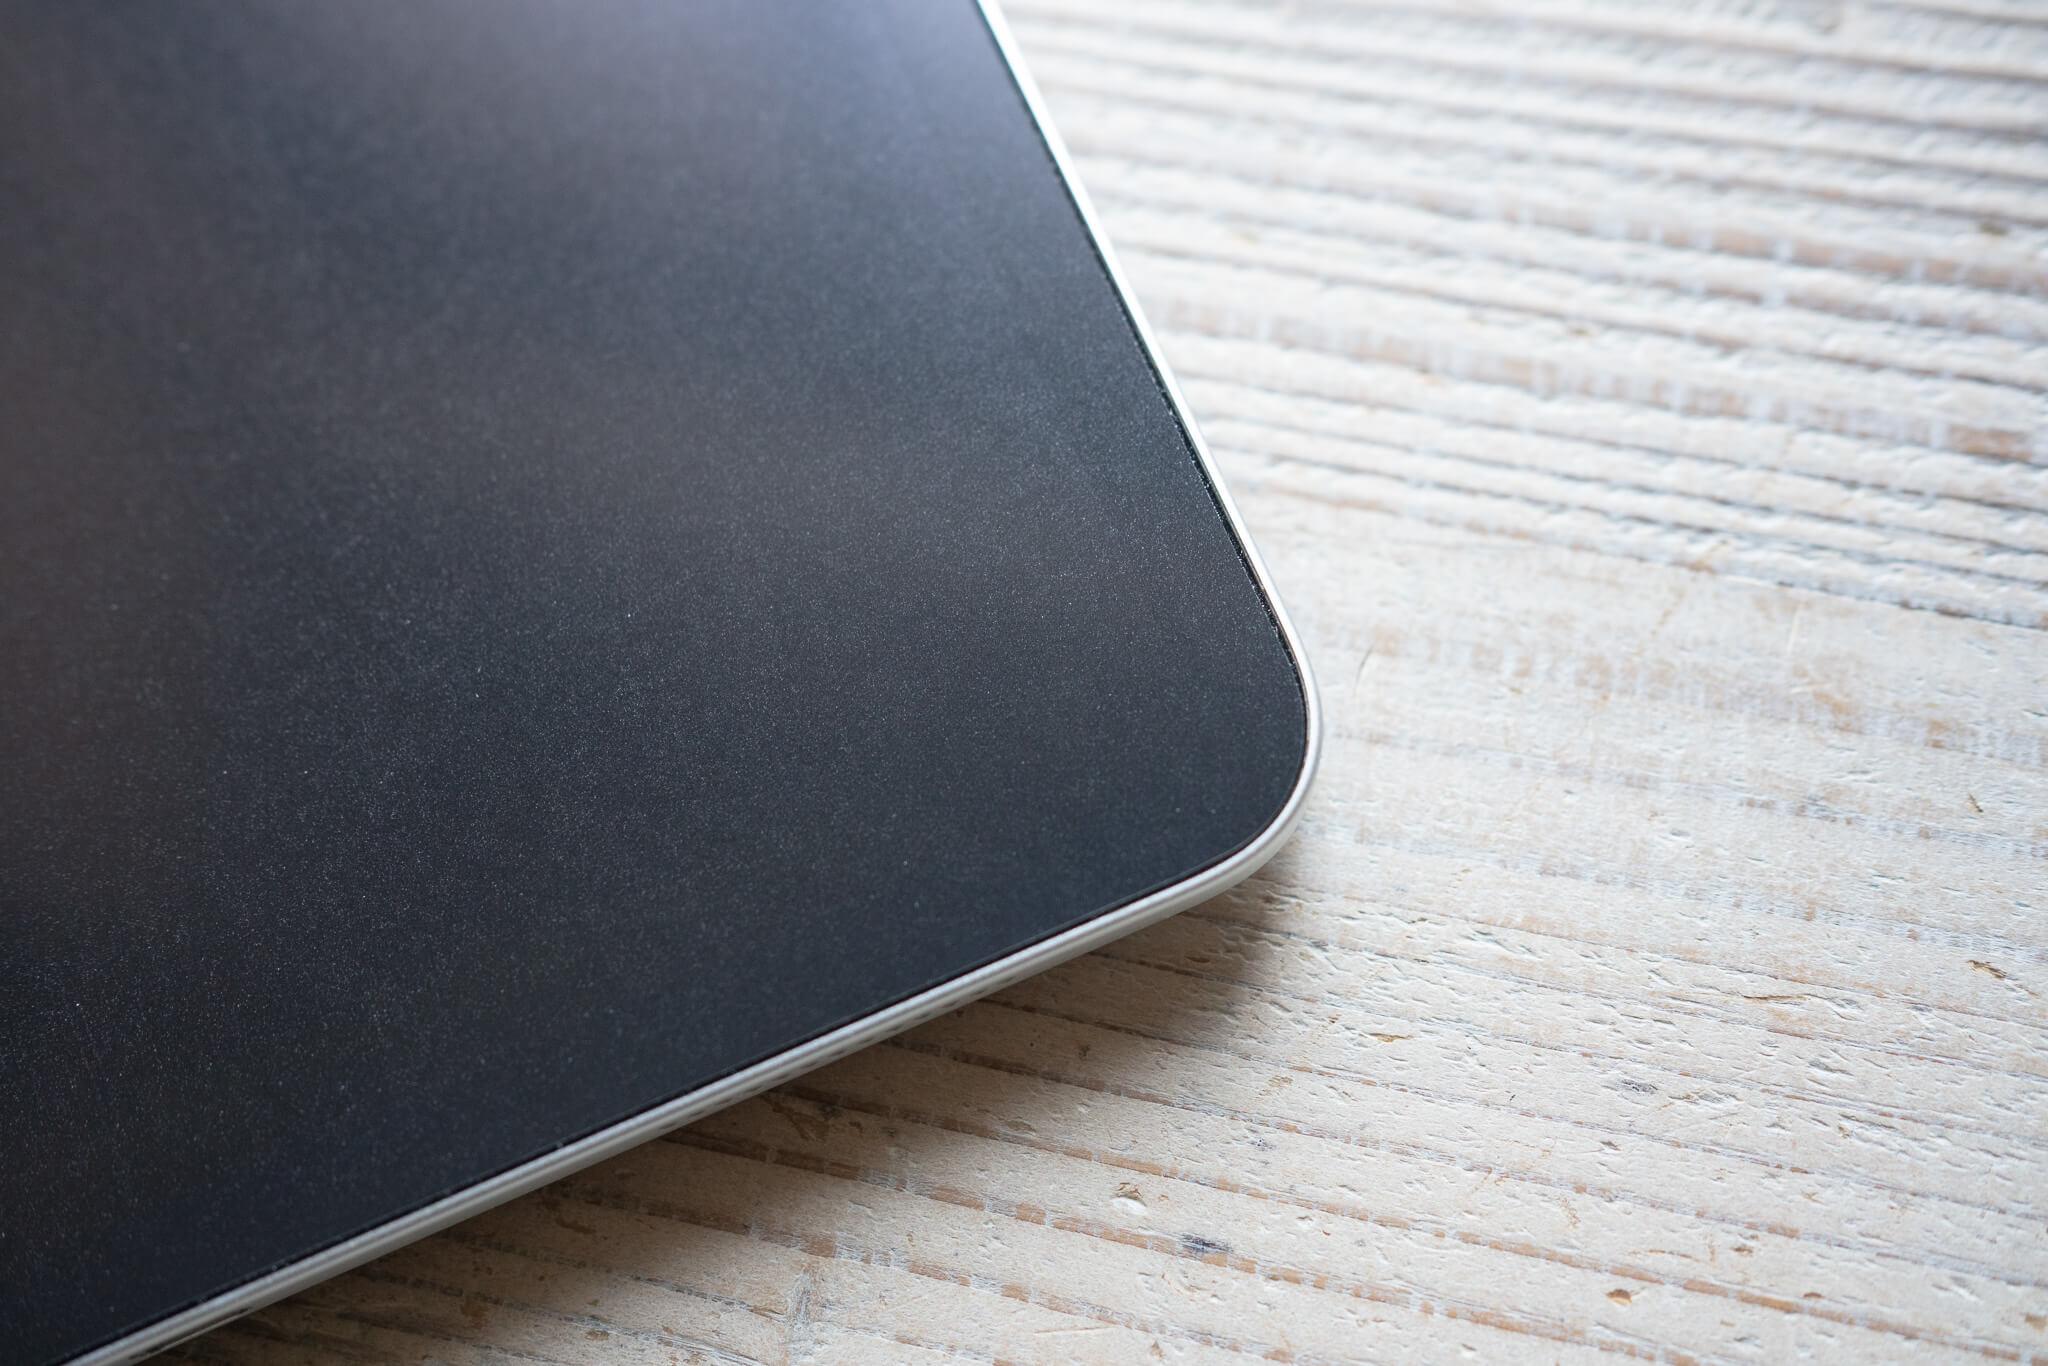 210503 ipad pro paper like film 1